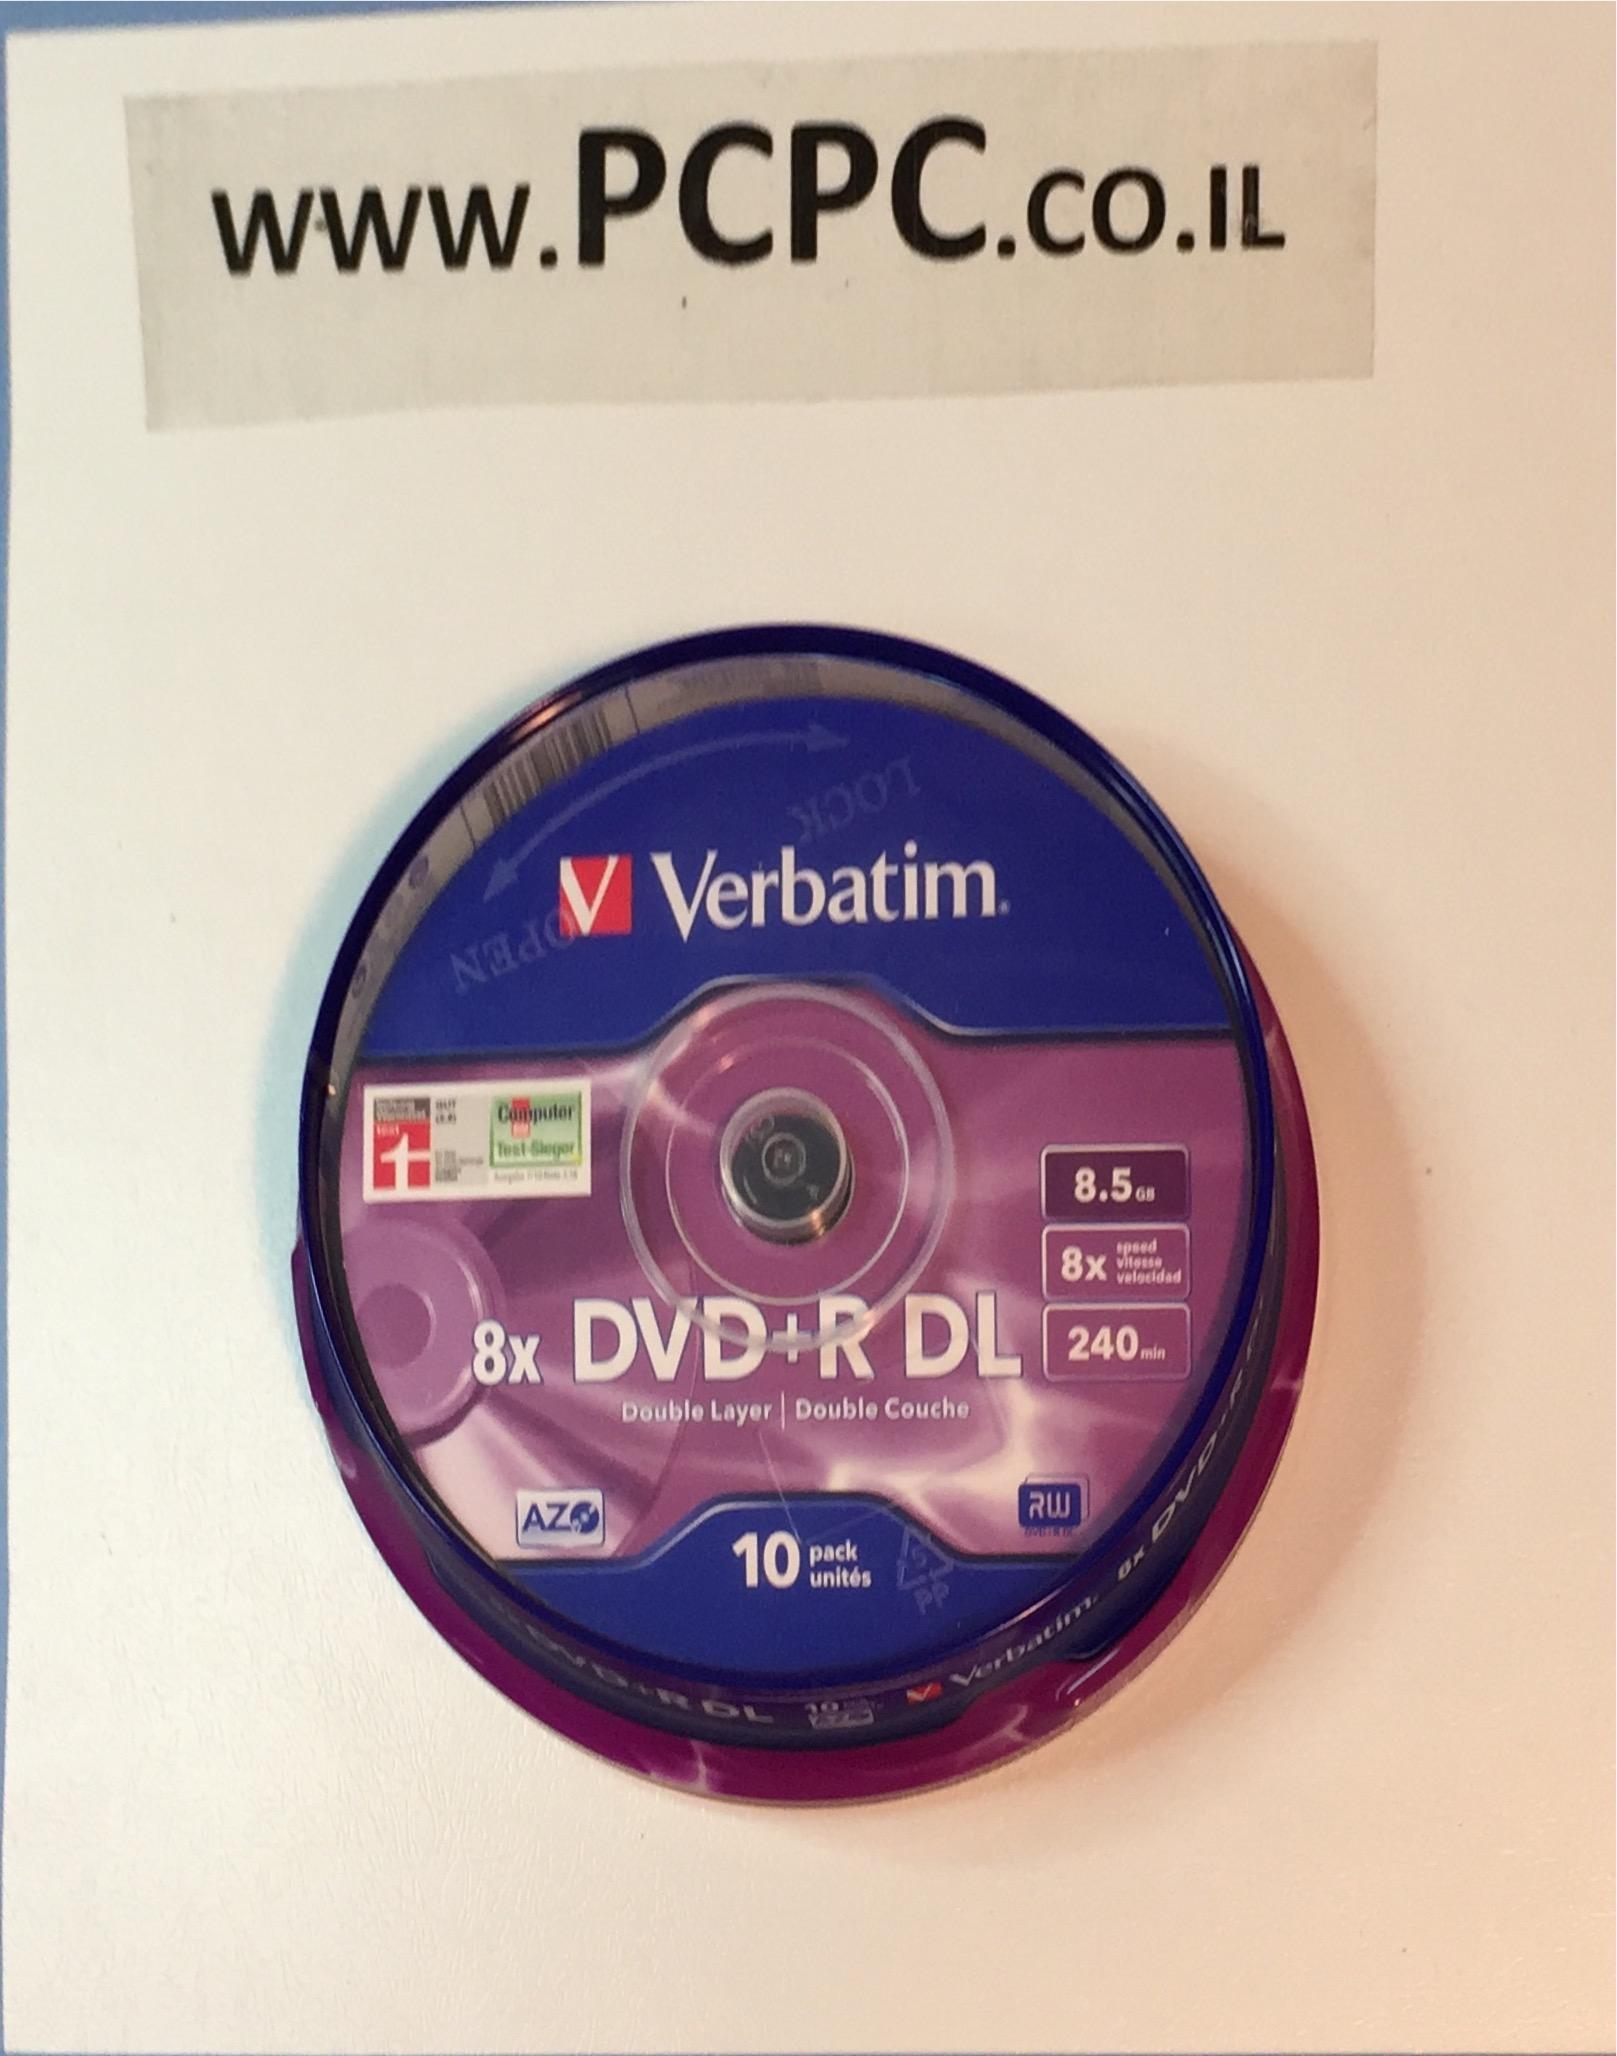 דיסק 8.5 גיגה DVD+R DL  בקופסה 10 יחידות VERBATIM